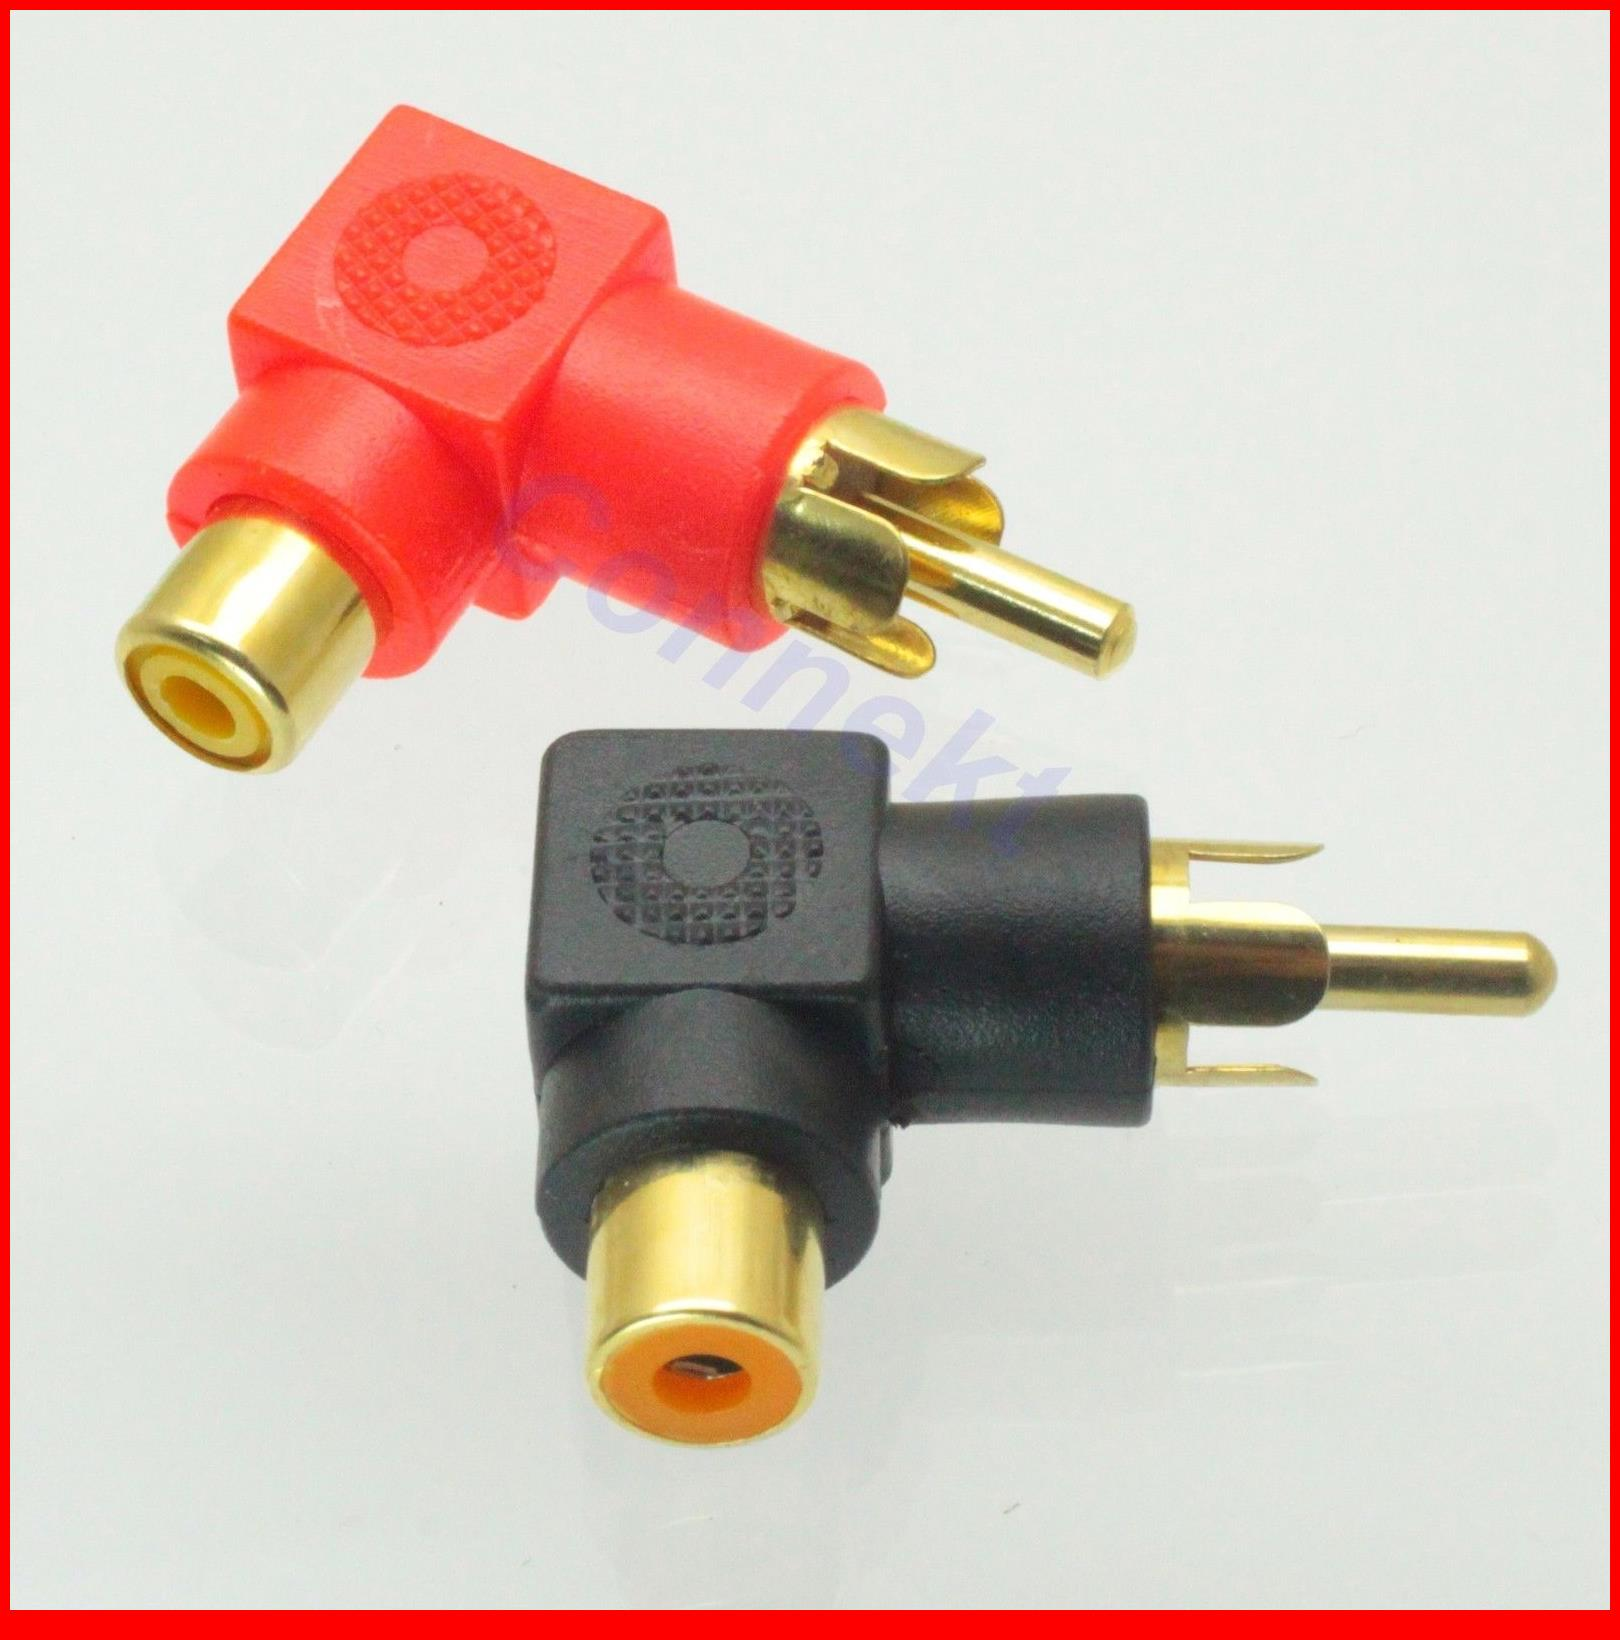 50 قطعة/الوحدة X الذهب RCA ذكر التوصيل إلى RCA أنثى جاك يمين زاوية AV الصوت محول الأحمر + الأسود